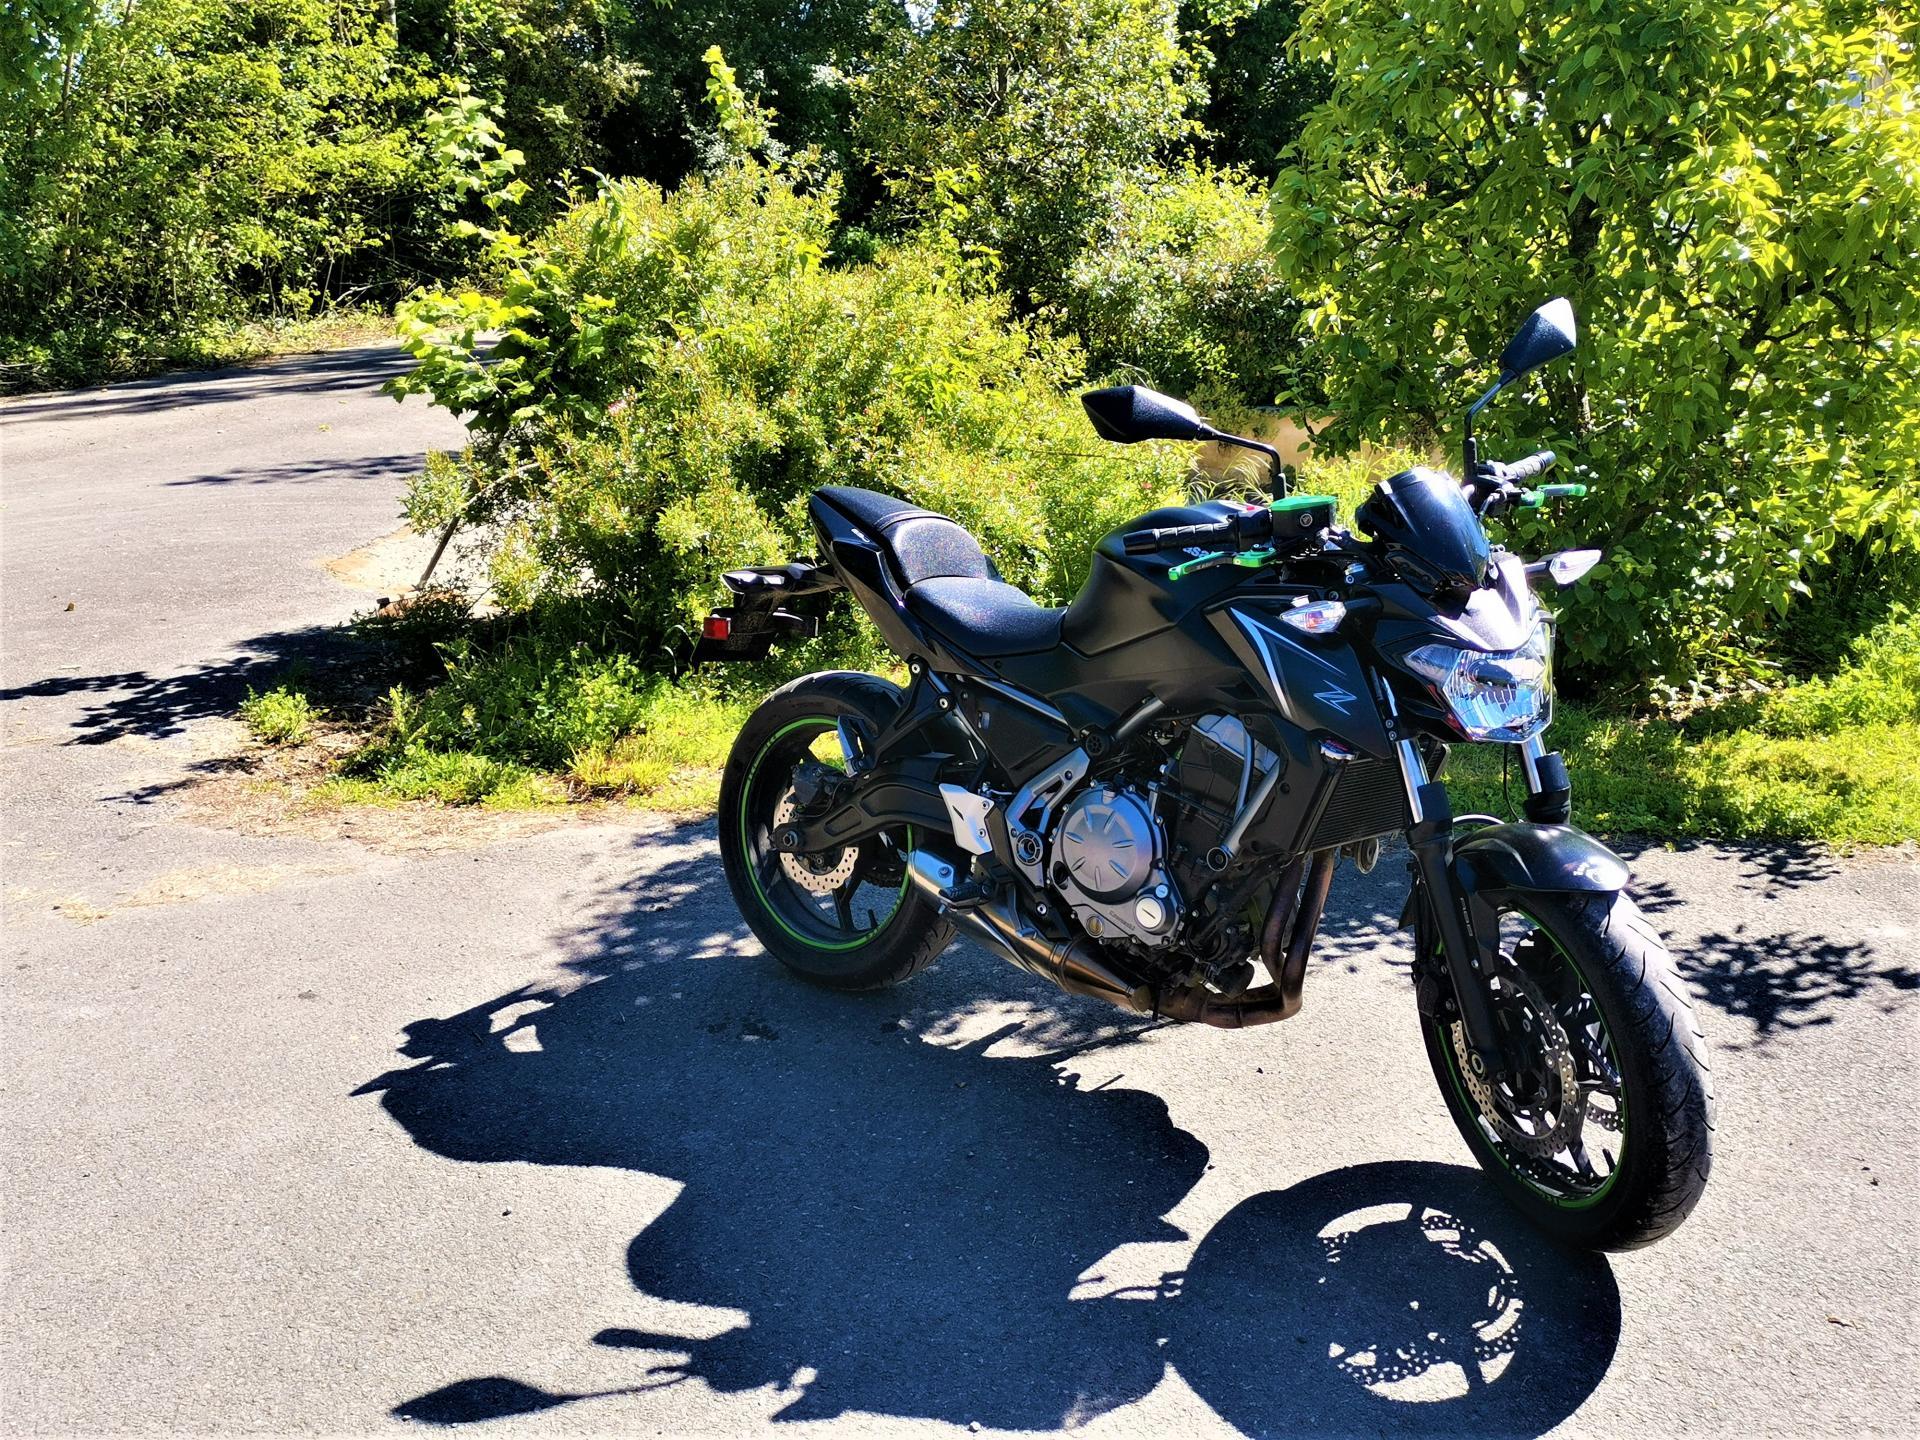 Kawasaki z650 a chez nord location rider